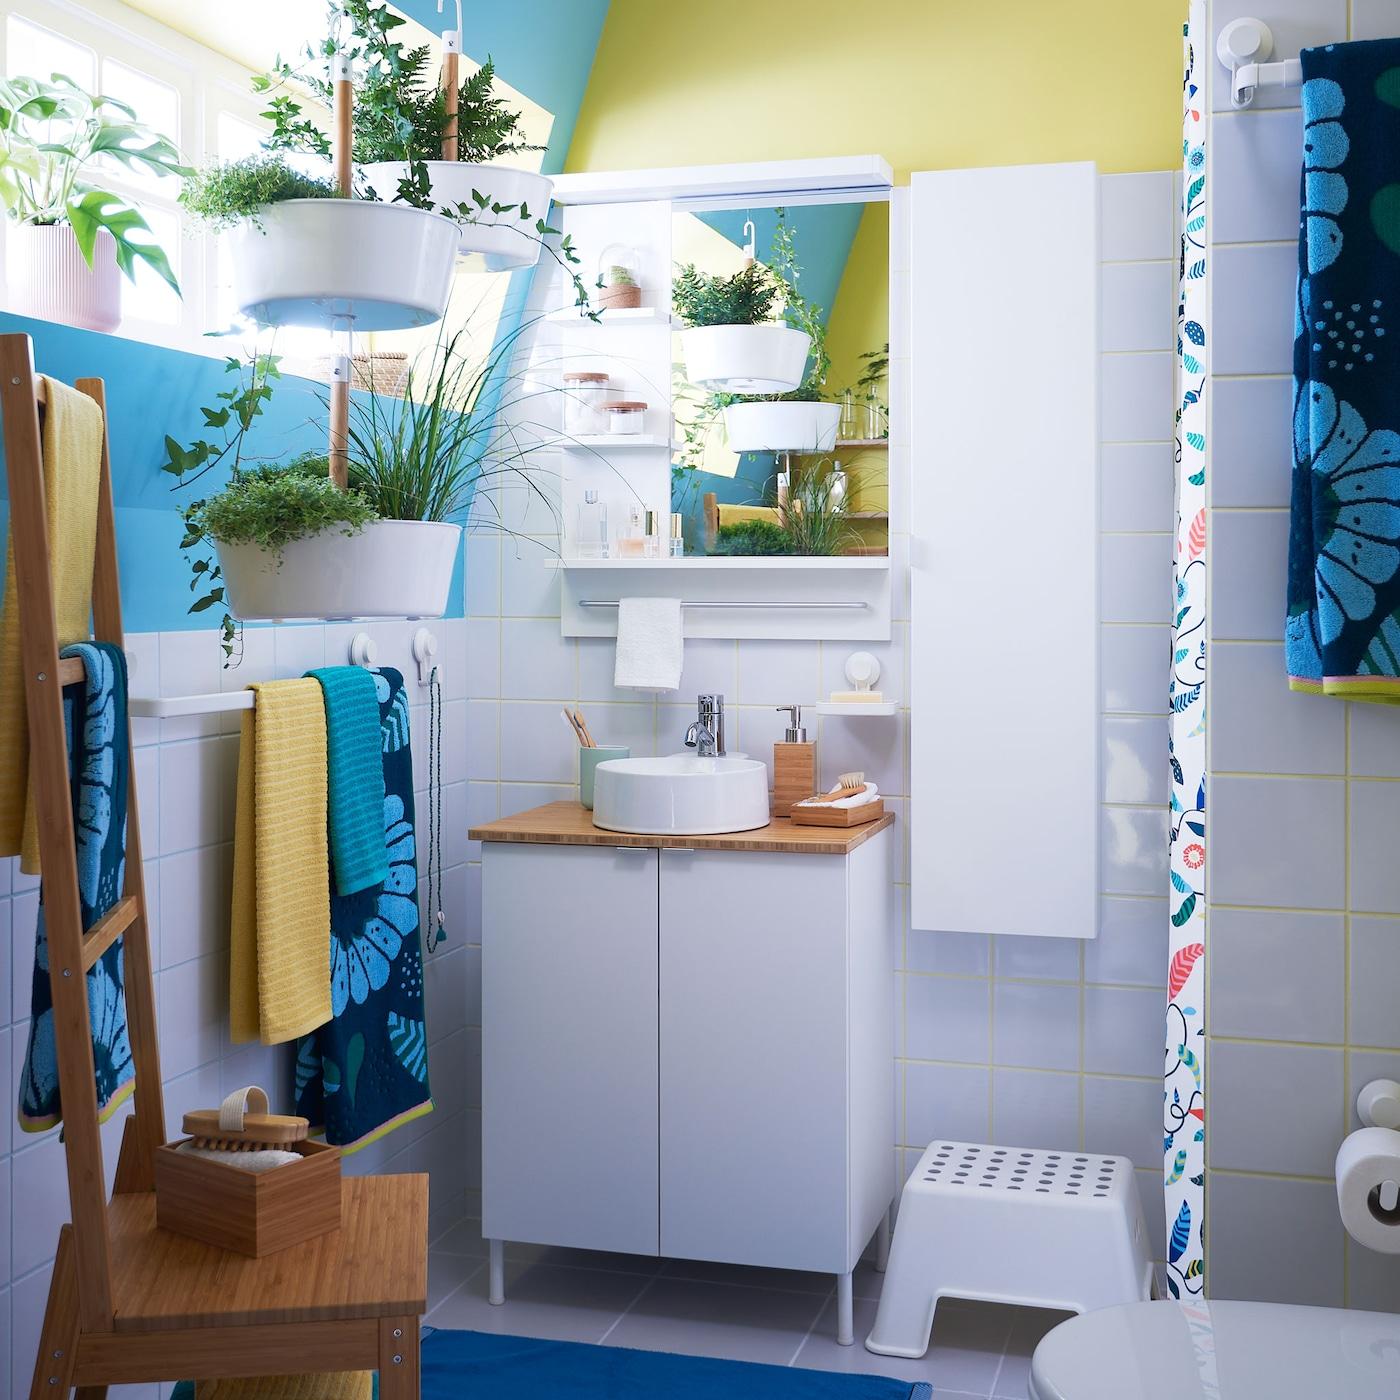 IKEA LILLÅNGEN kylpyhuonekalusteet pieniin tiloihin sopivat pieneen kylpyhuoneeseen ja vuokra-asunnon kylpyhuoneeseen eivätkä vaadi poraamista. Kylpyhuoneeseen sopivat huonekasvit ja kukalliset tekstiilit ovat keinoja, joilla voit piristää kylpyhuoneen sisustusta. IKEA SANDVILAN kukallinen kylpypyyhe on kirkkaansininen ja tummanvihreä.